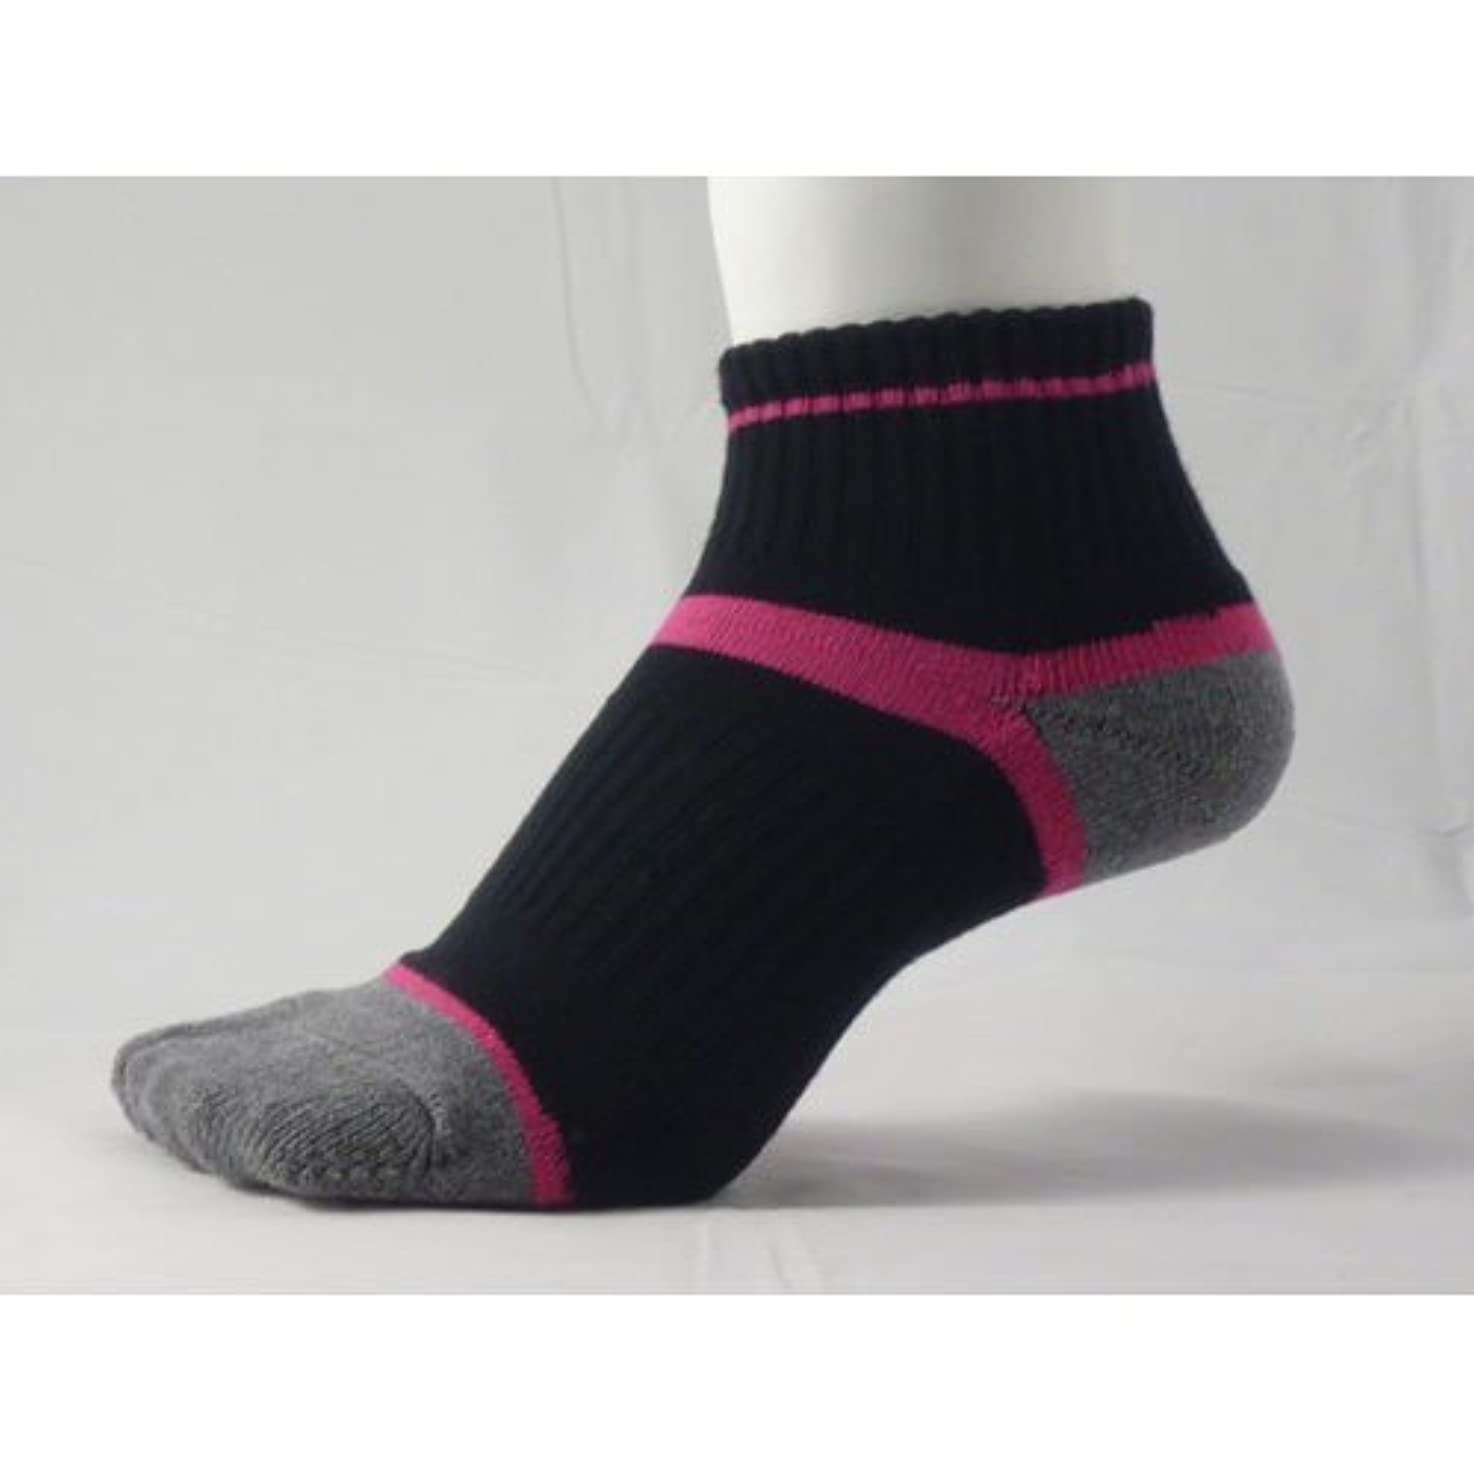 テナントきらめきキリマンジャロ草鞋ソックス S(22-24cm)ピンク 【わらじソックス】【炭の靴下】【足袋型】